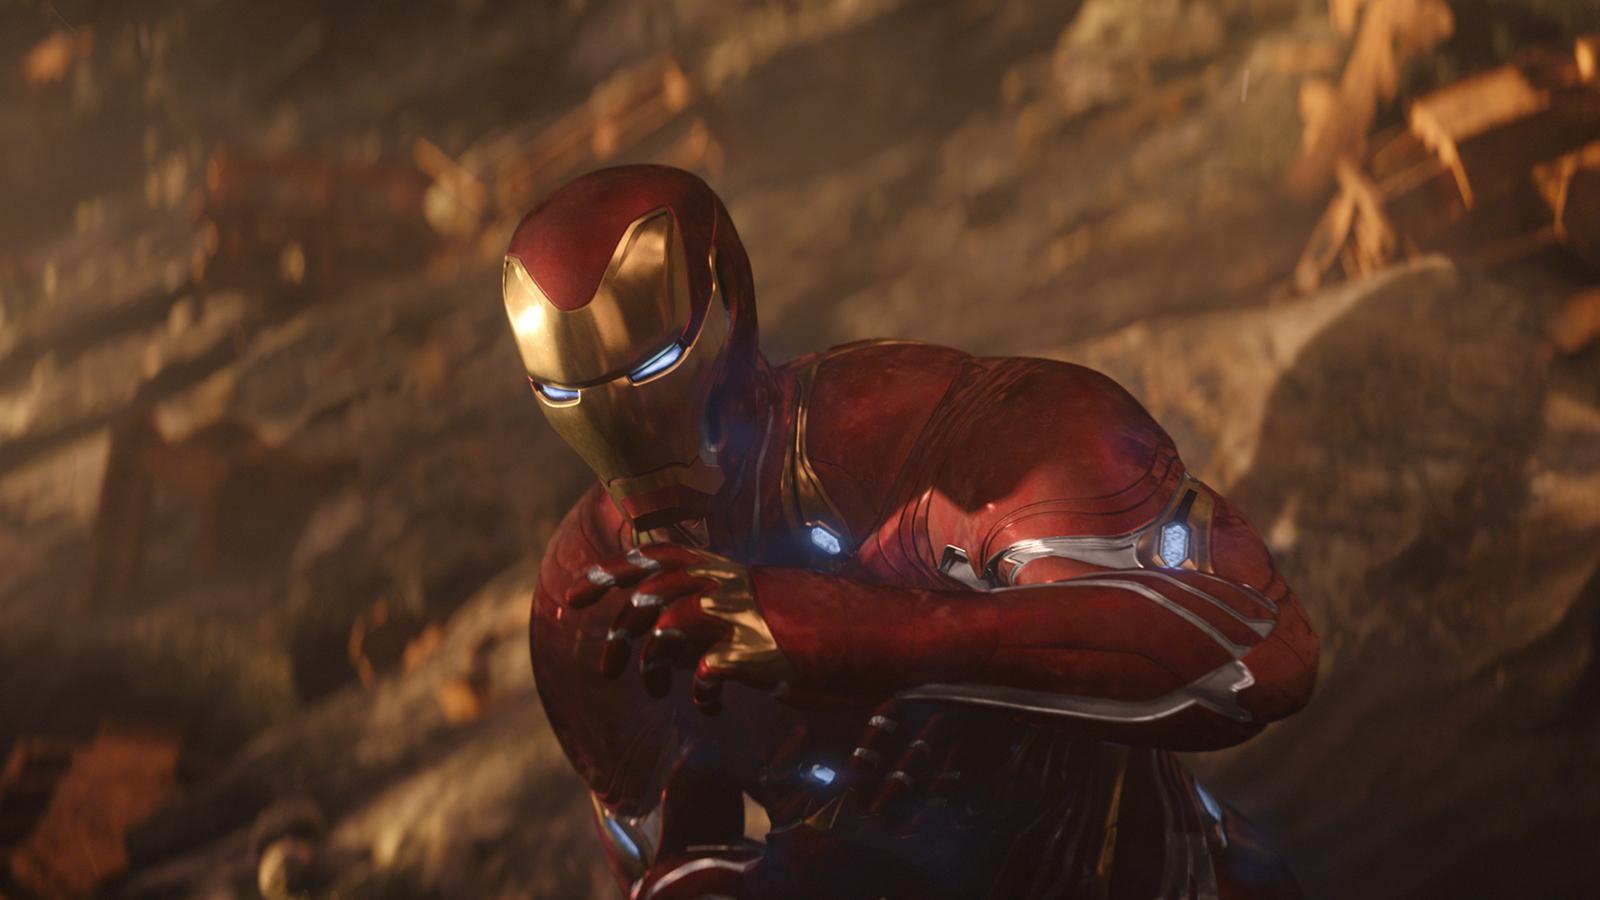 Überraschung: Robert Downey Jr. wird noch mal zu Iron Man